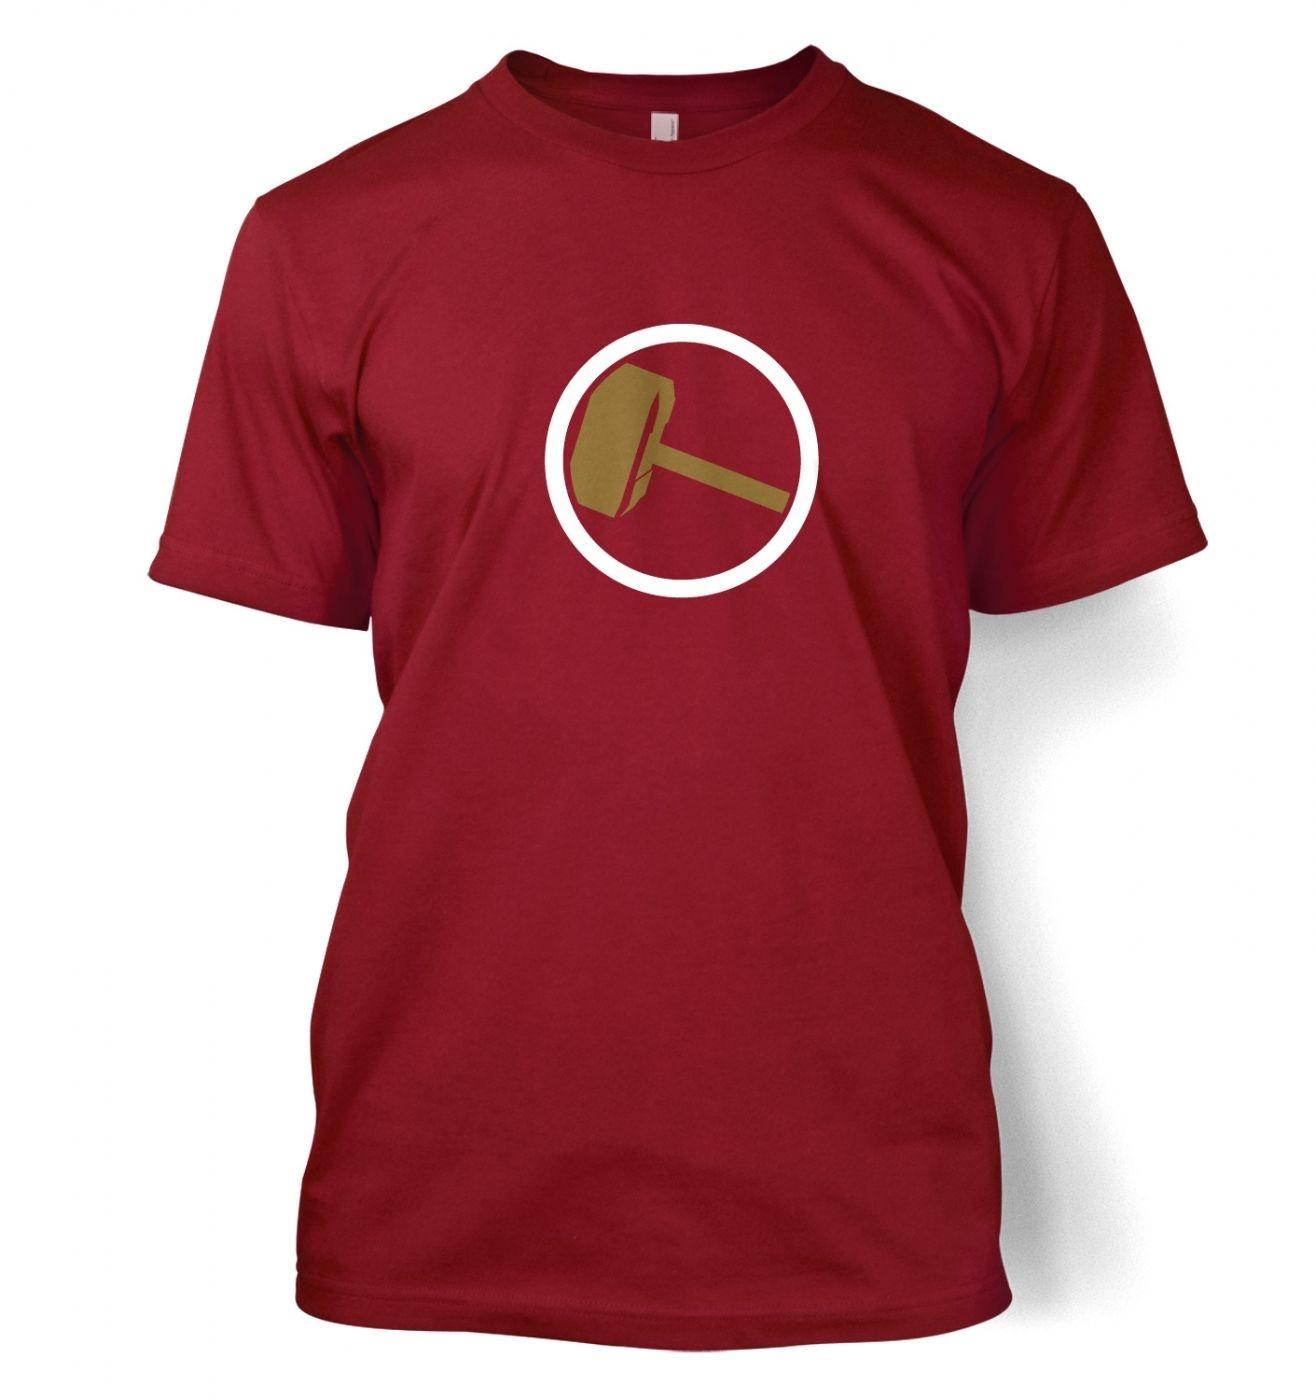 Hammer Slogan men's t-shirt